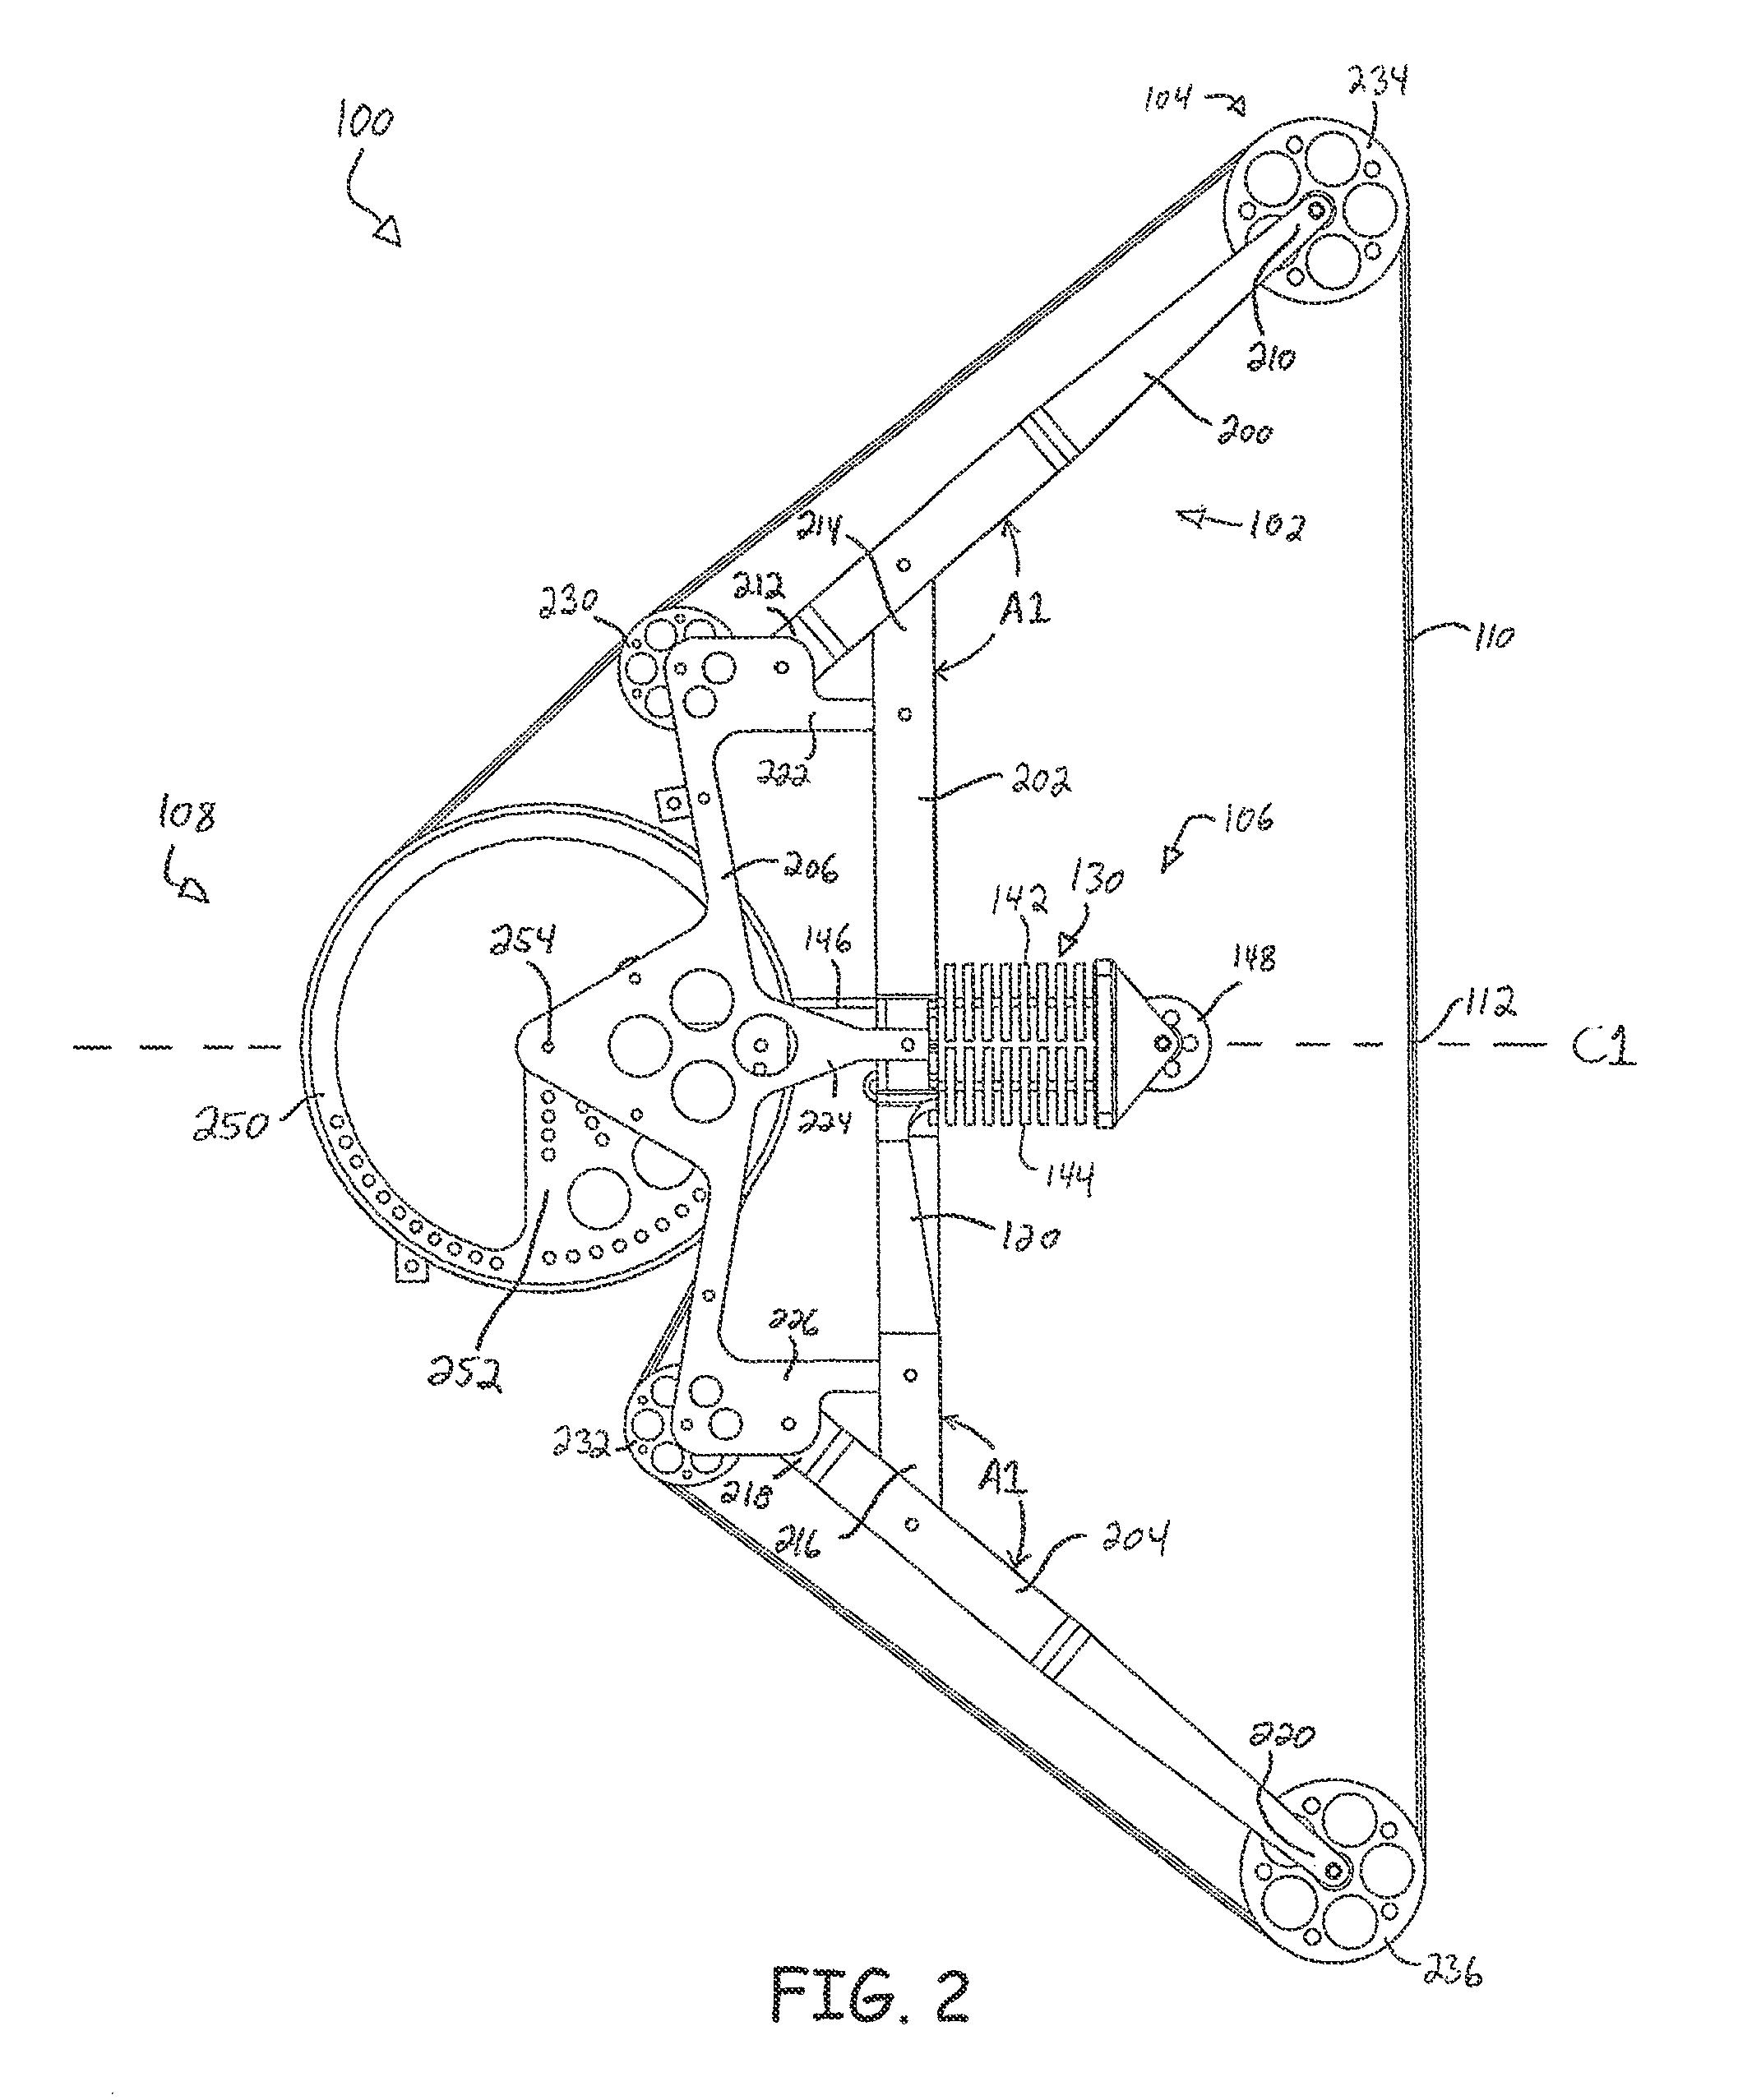 inncom e528 wiring diagram inncom vip mode wiring diagram